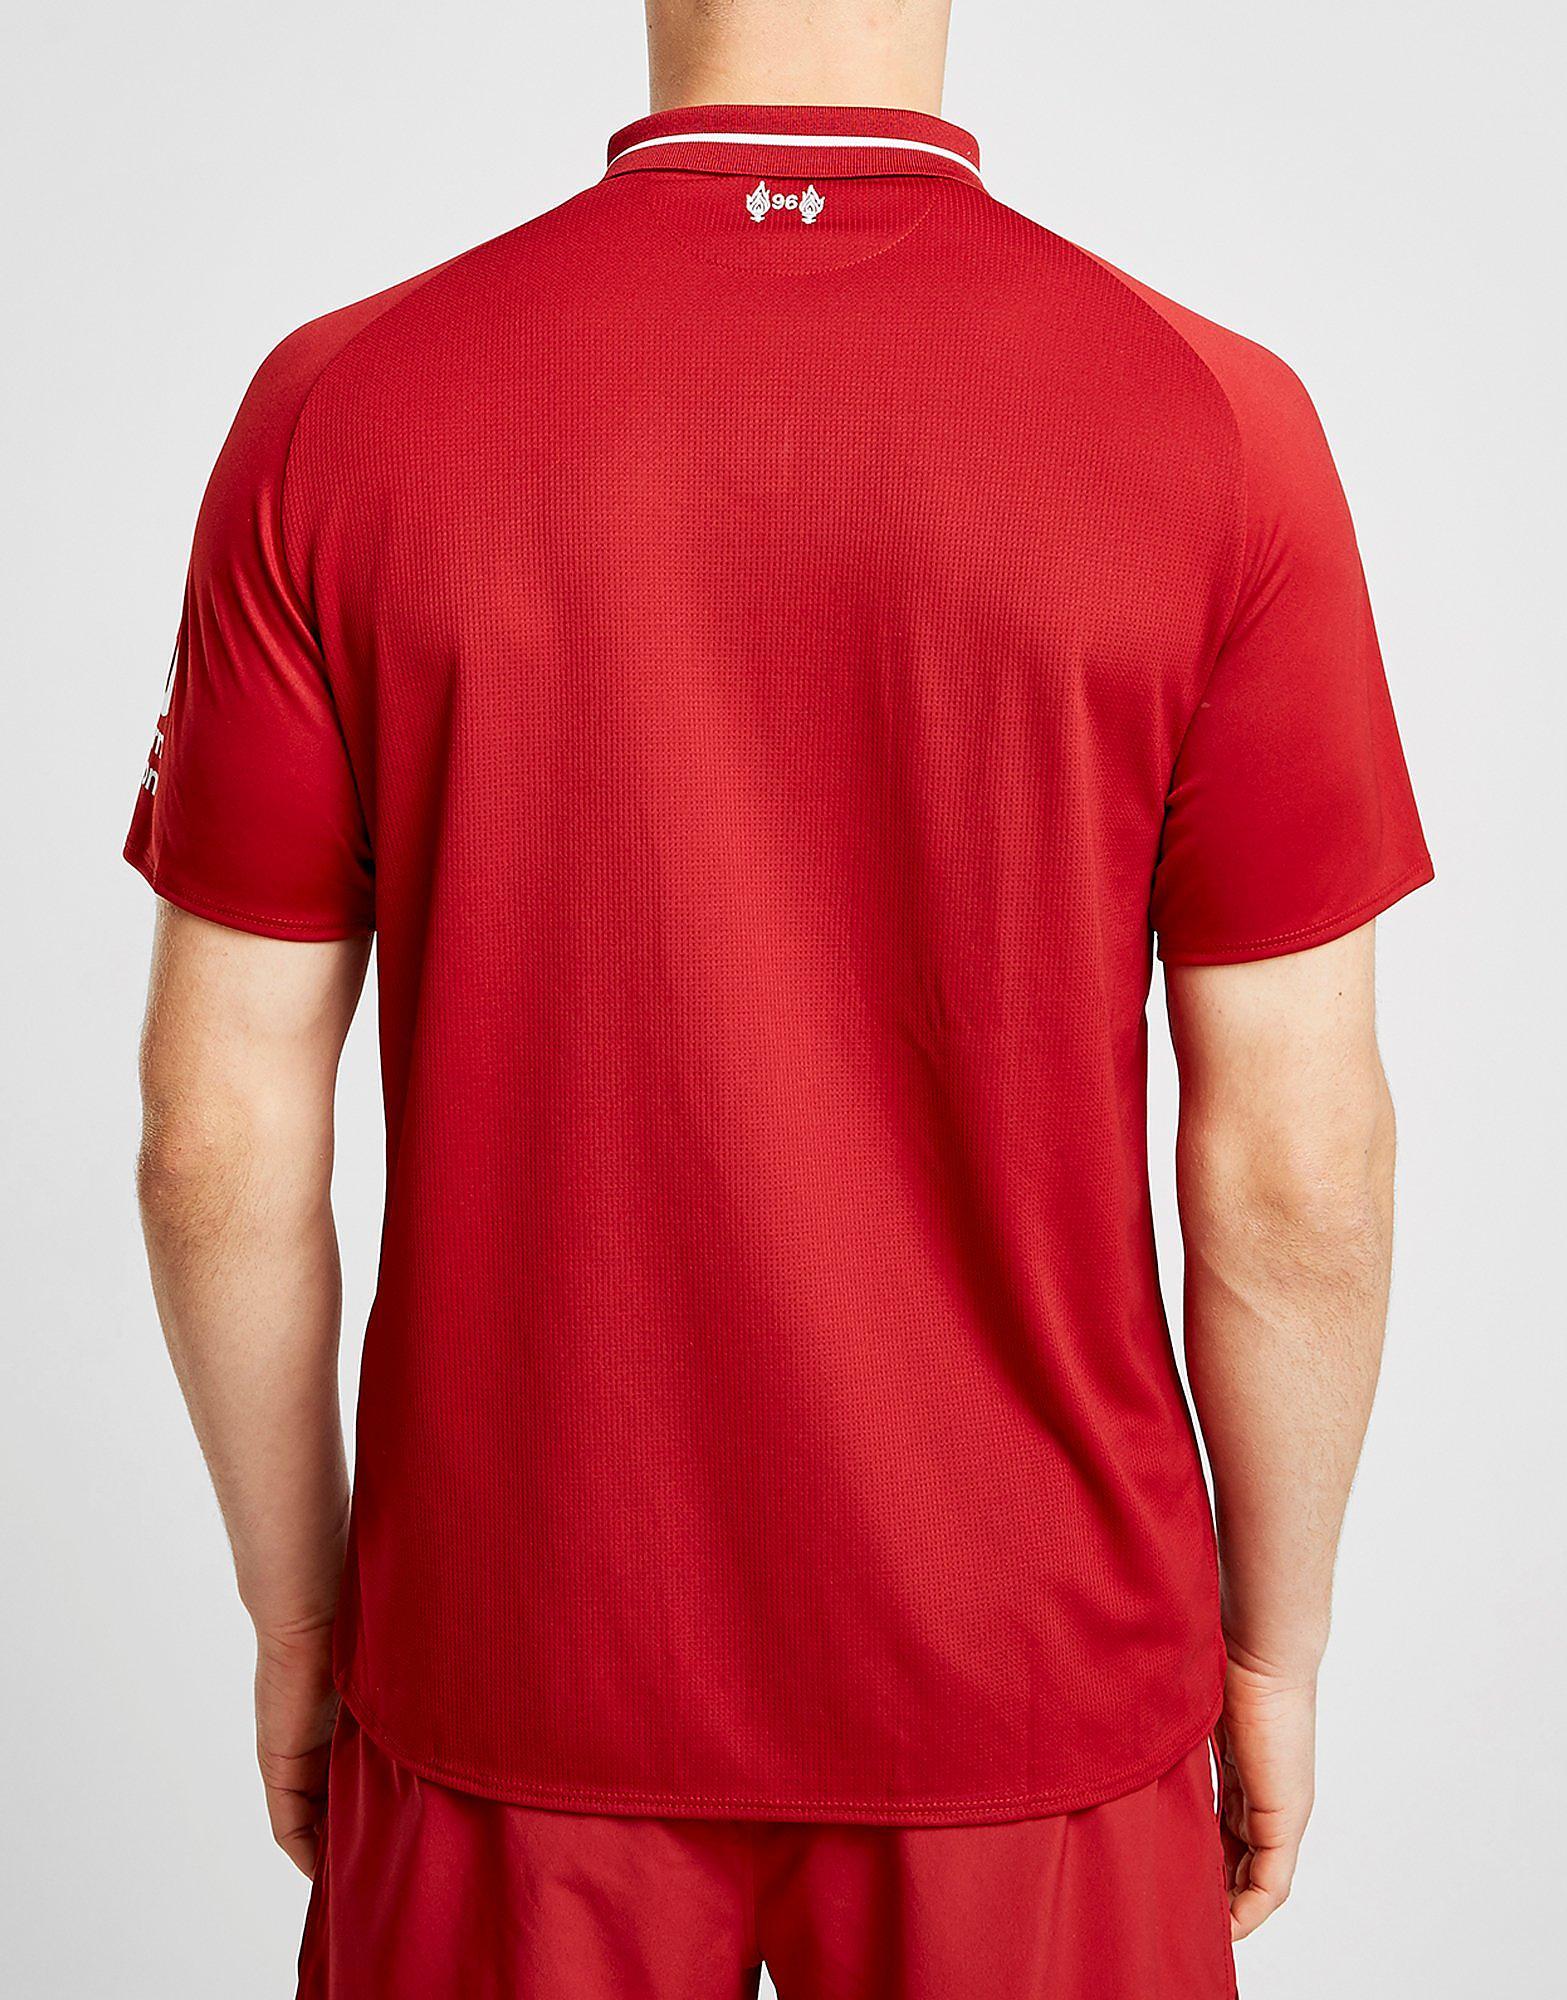 New Balance Liverpool FC 2018 Home Shirt Heren